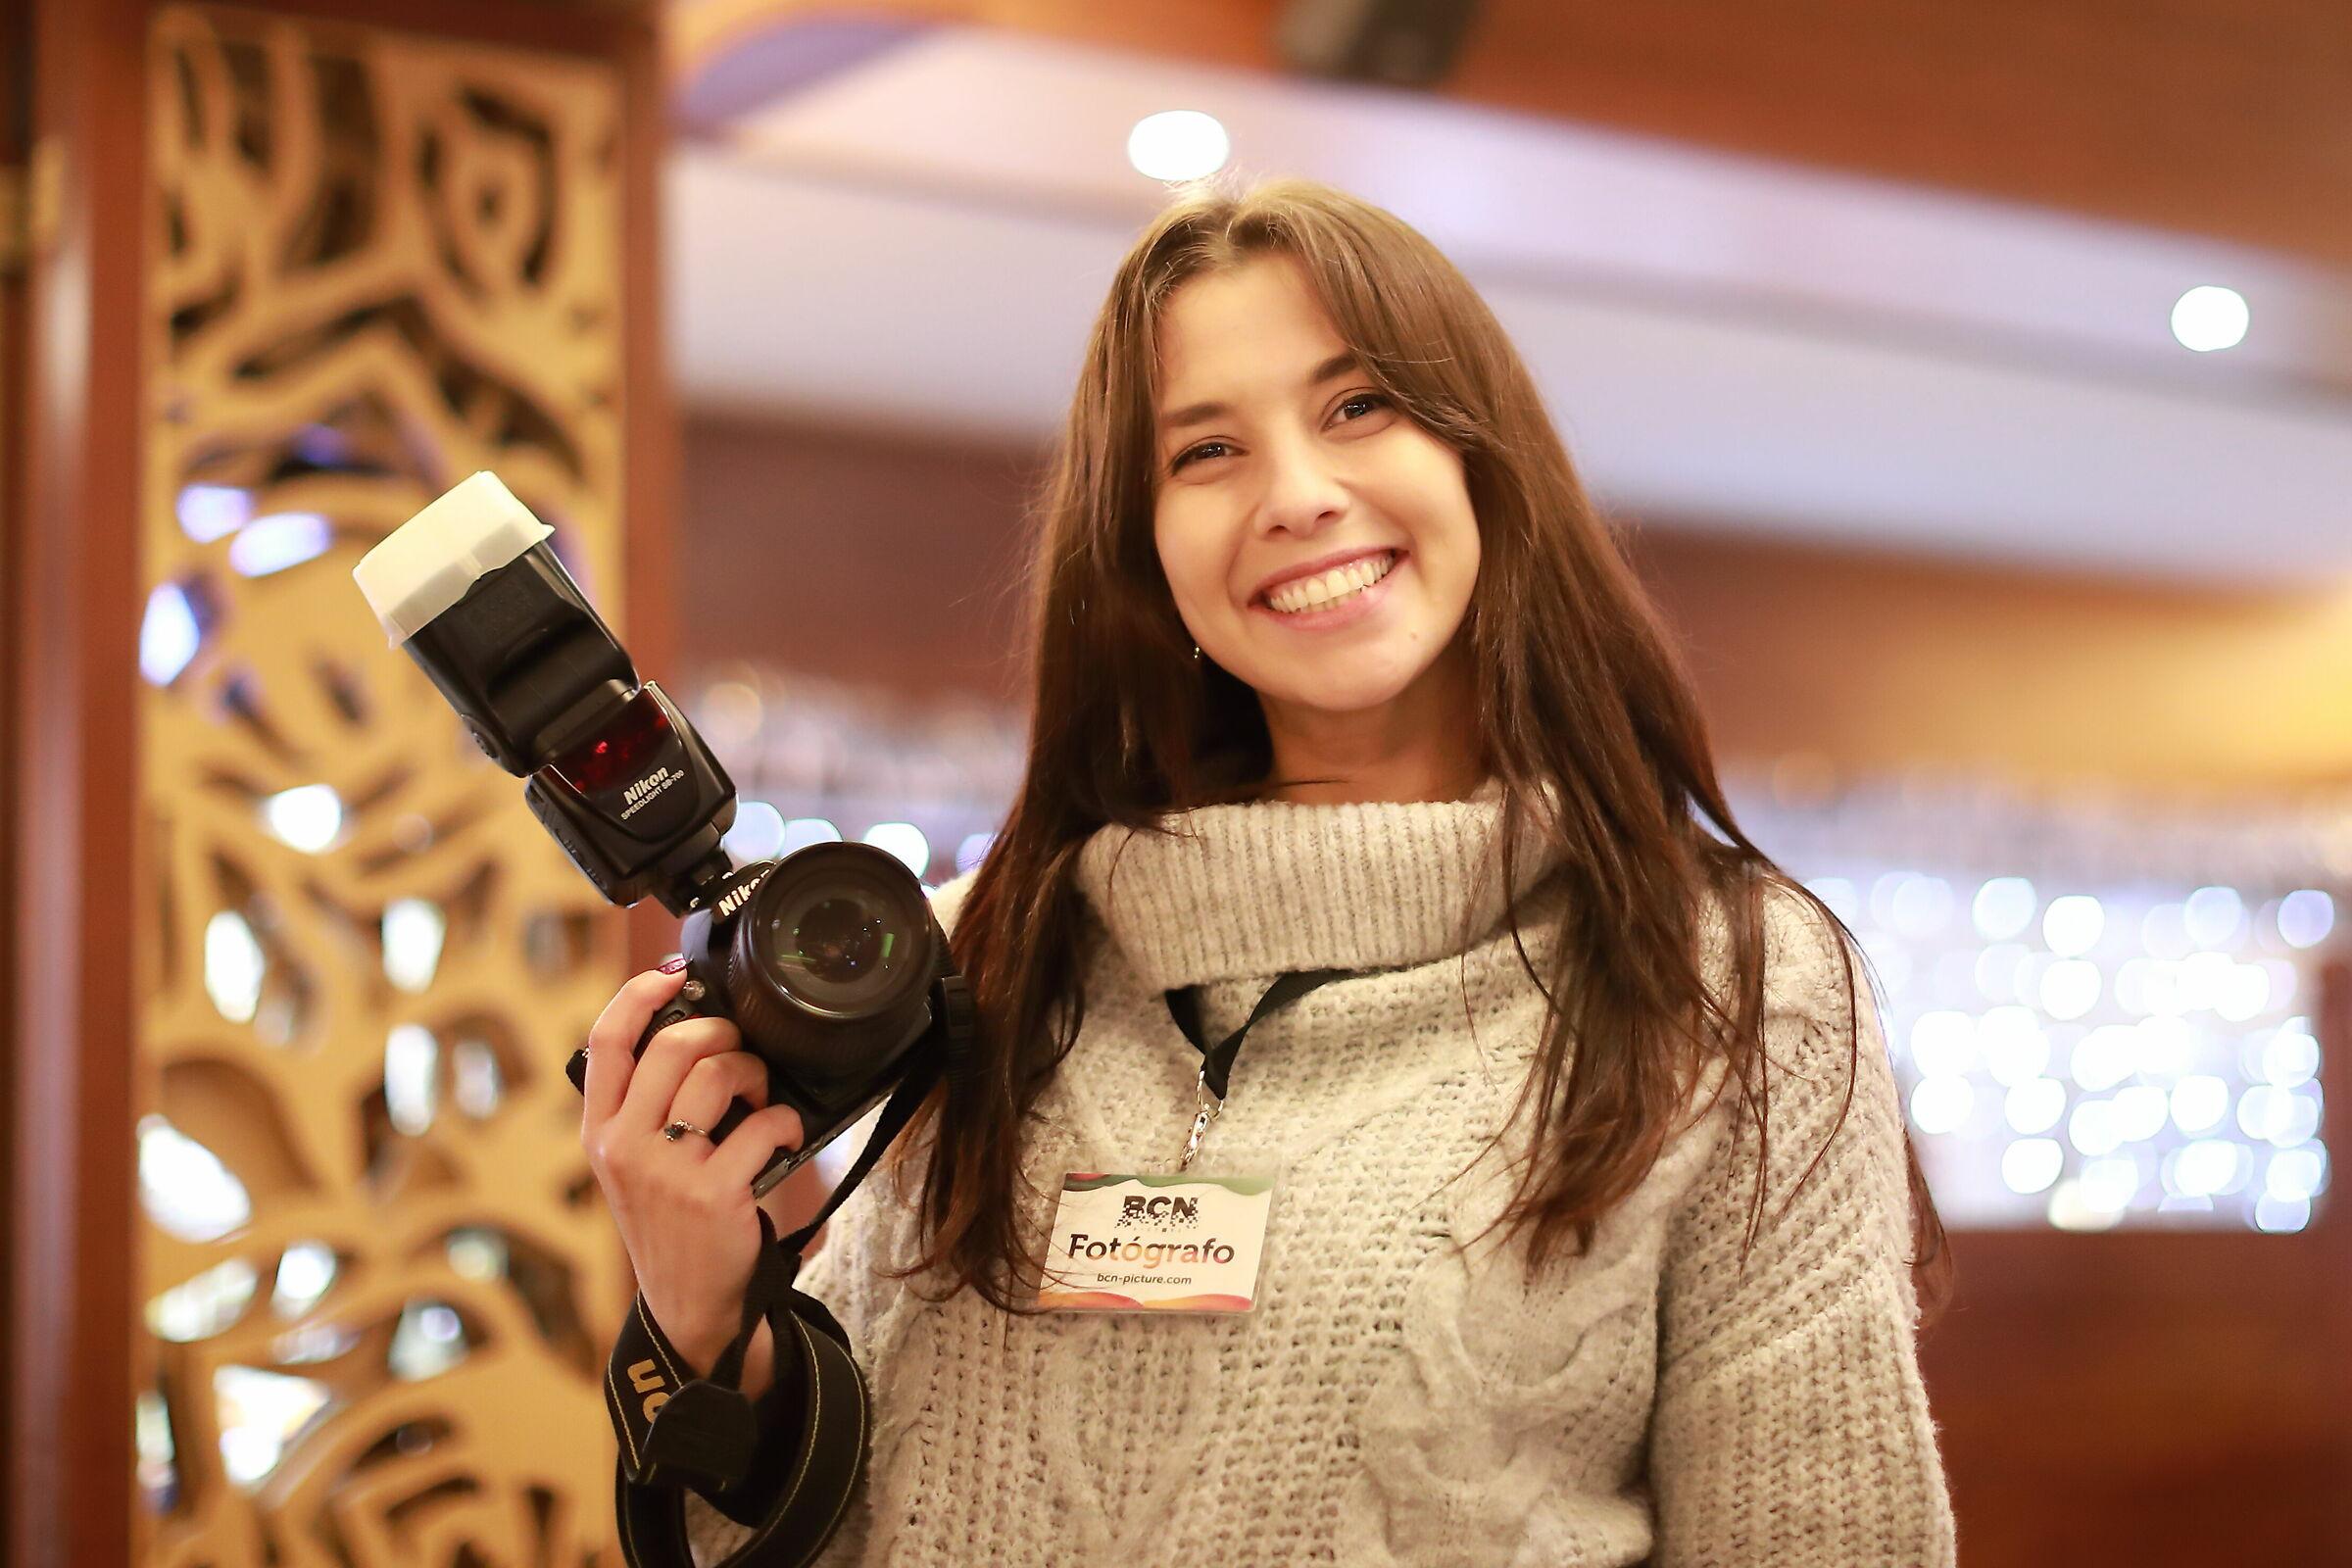 Sofia, fotografa...